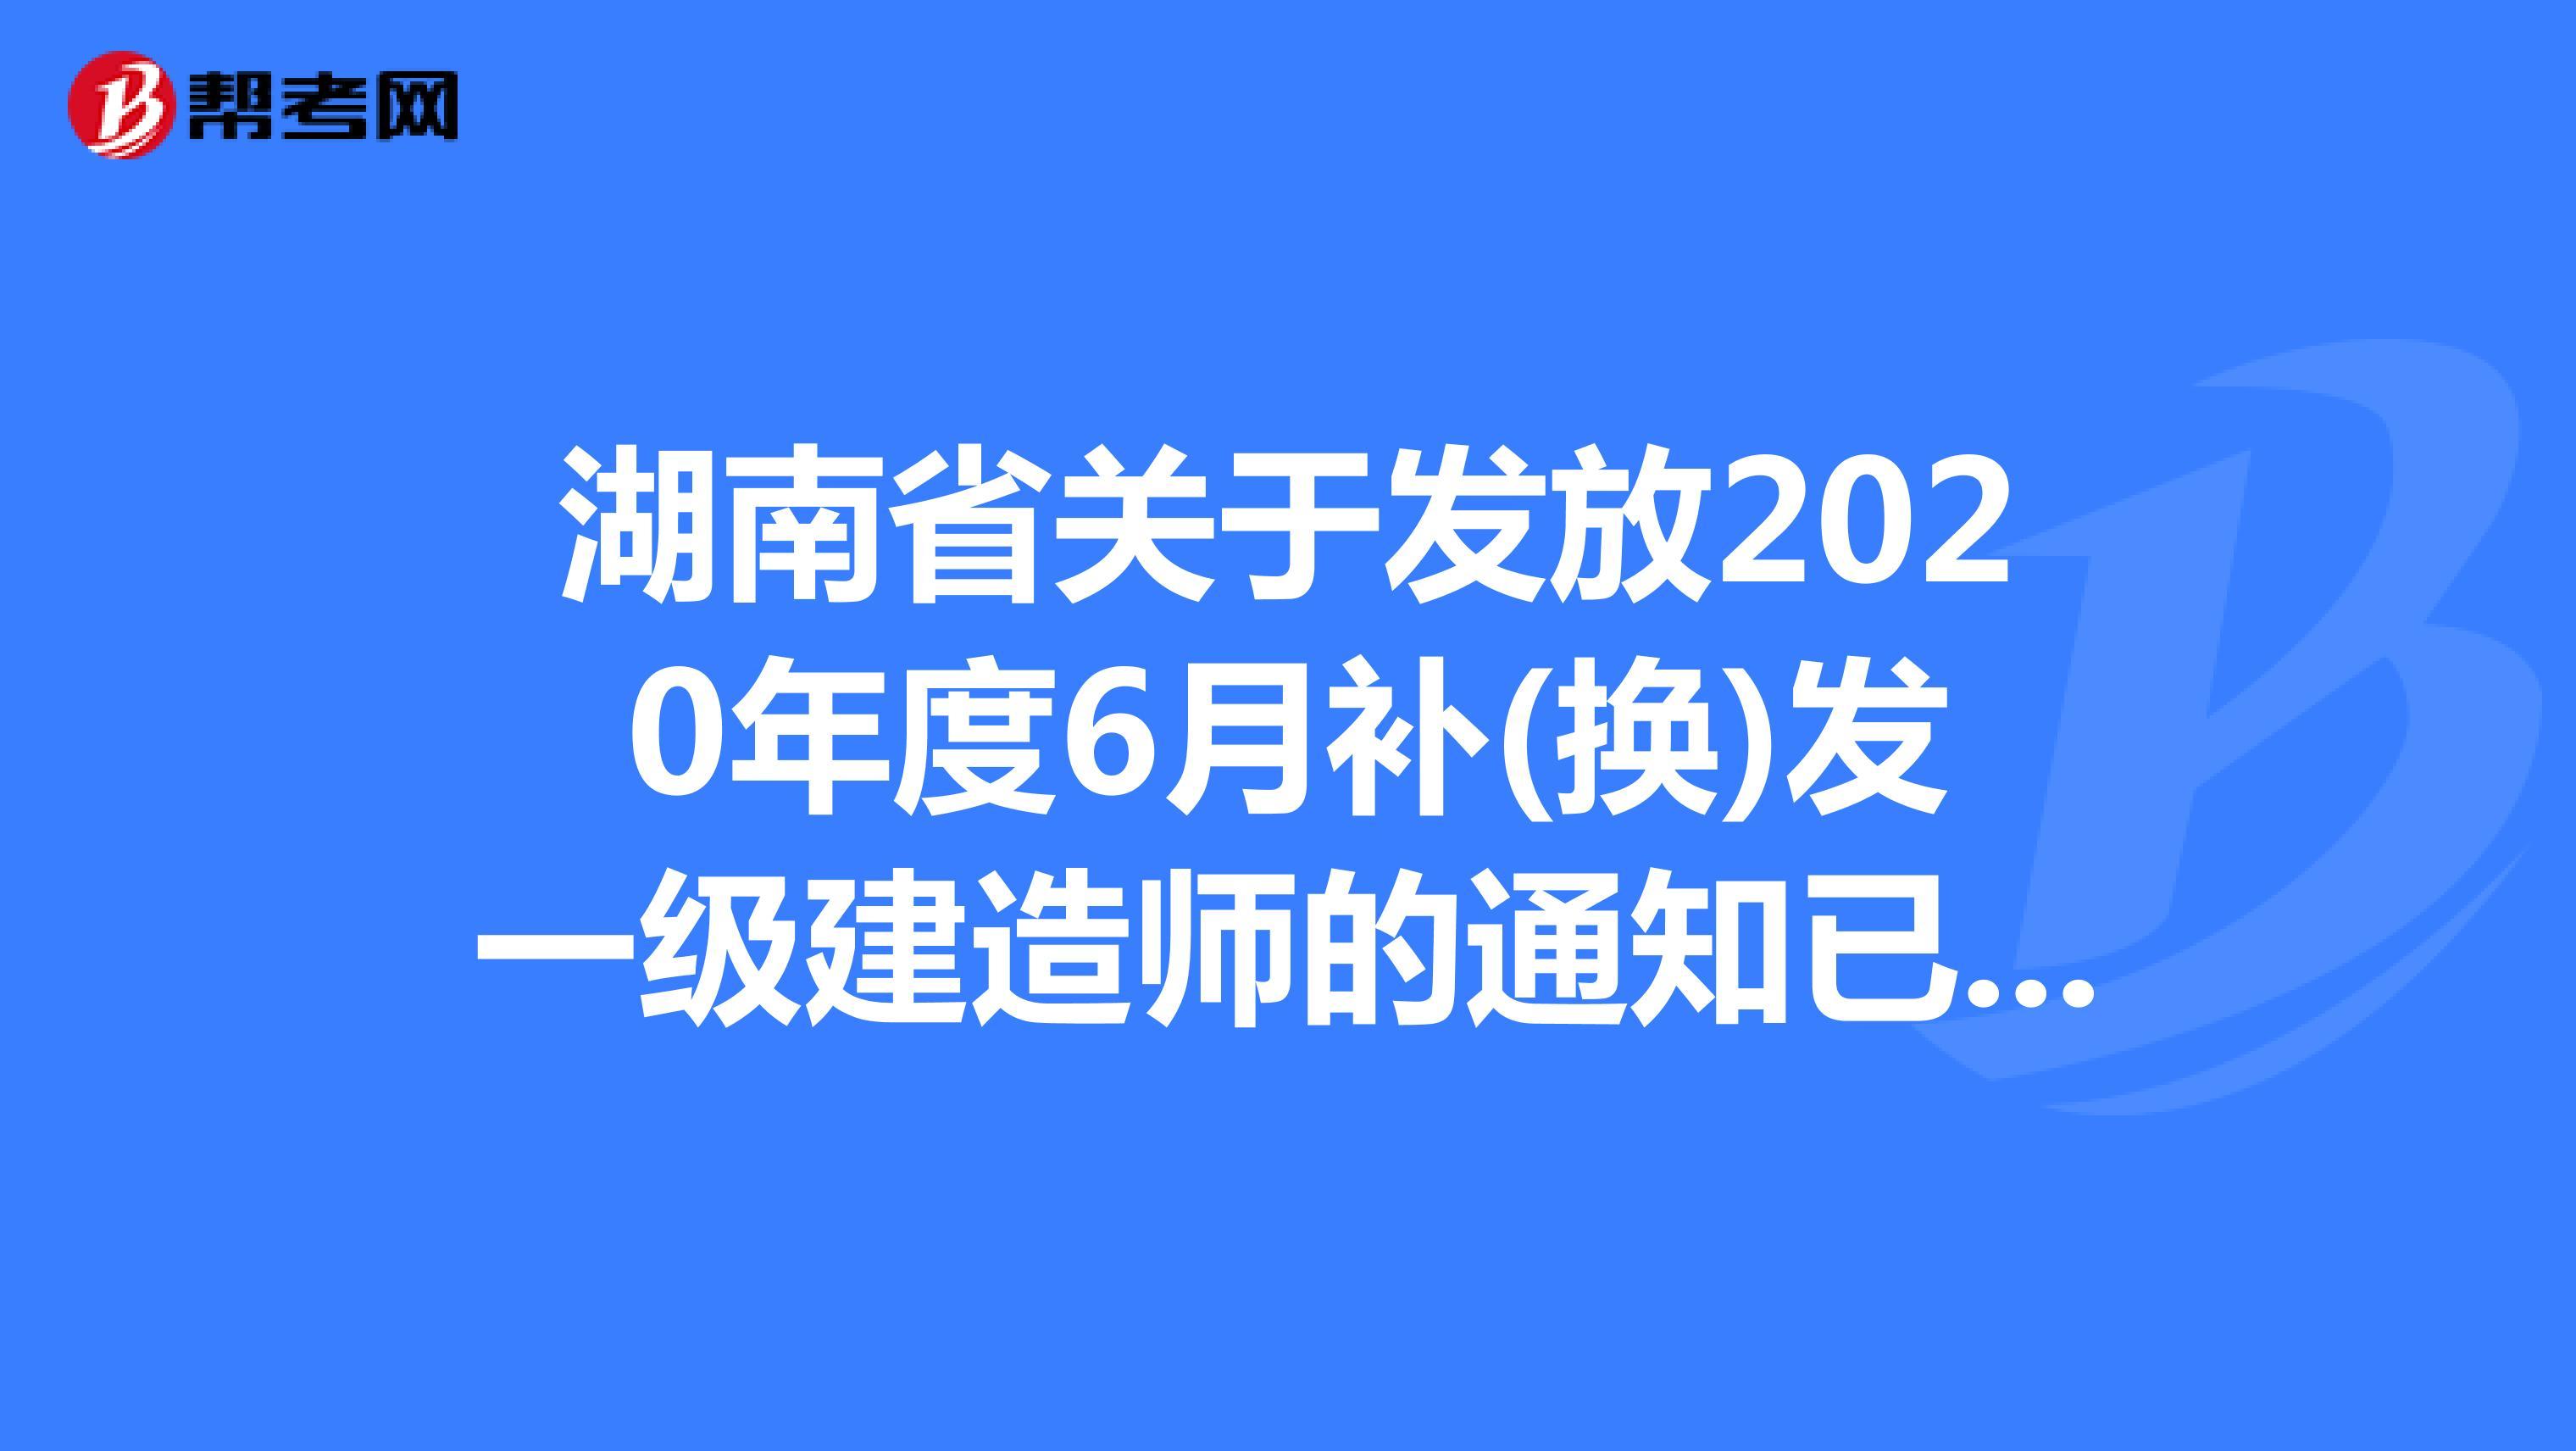 湖南省公布一級建造師證書補(換)發工作的通知